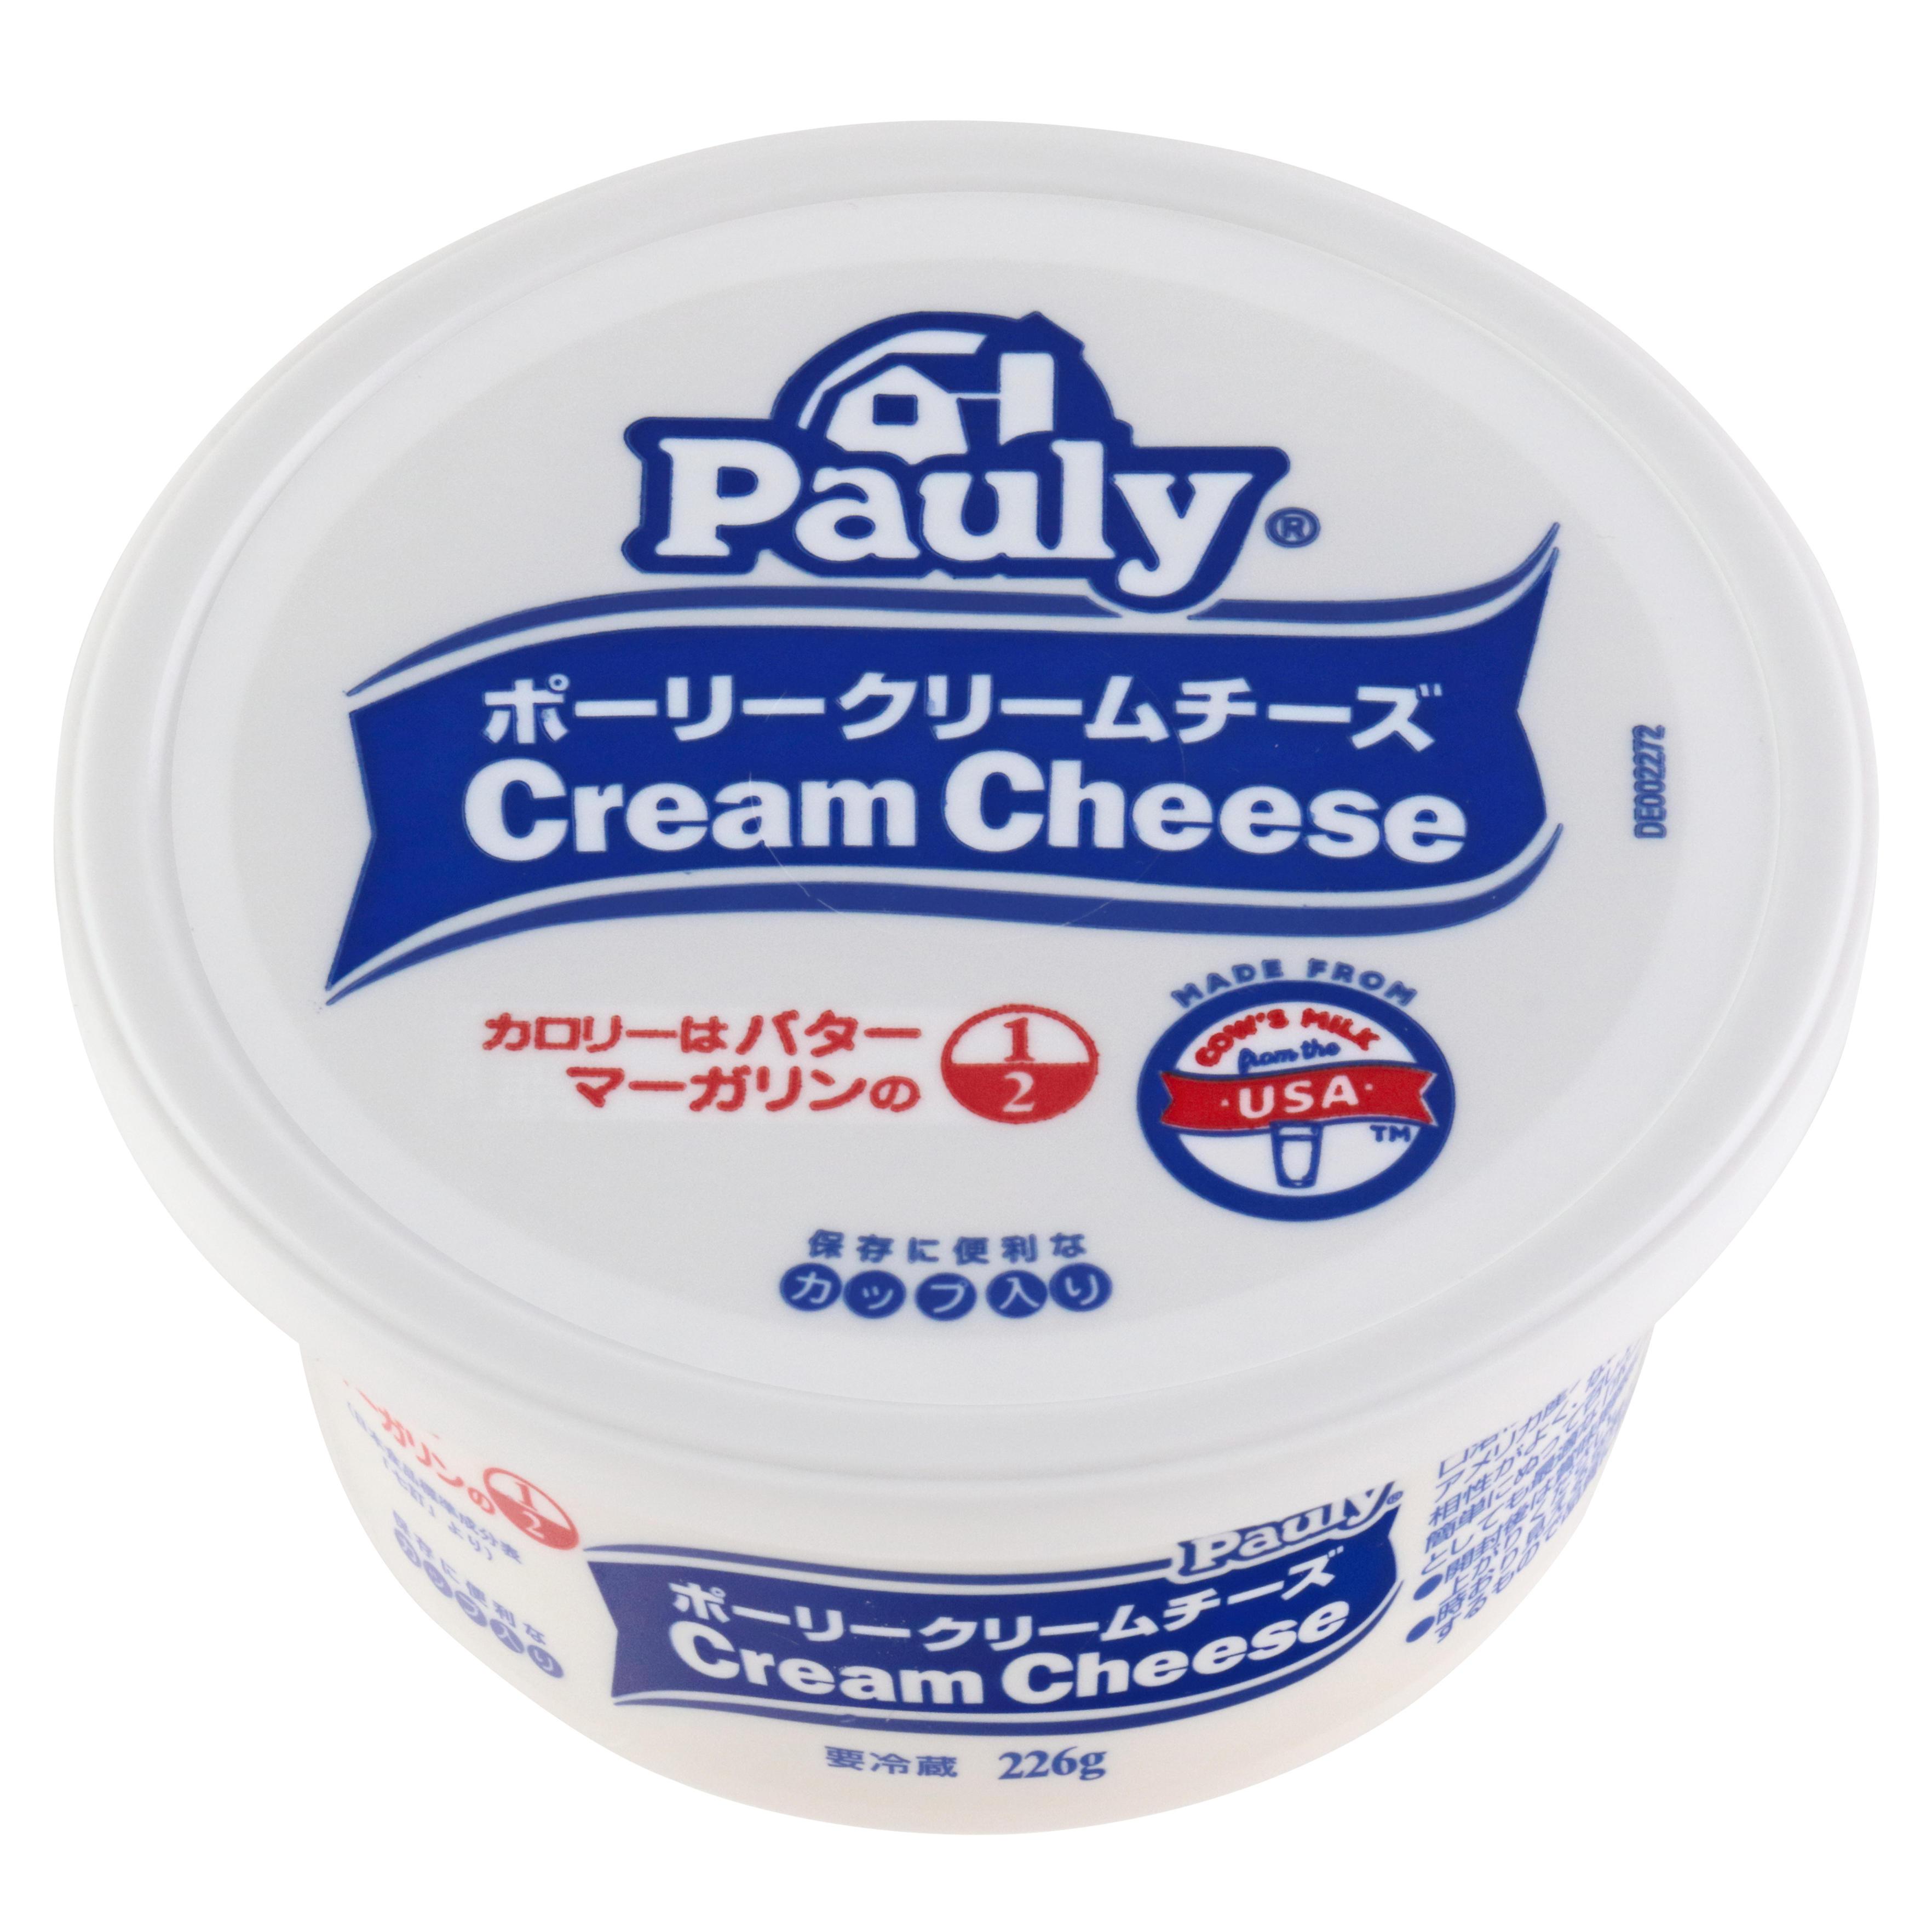 ポーリー_クリームチーズ